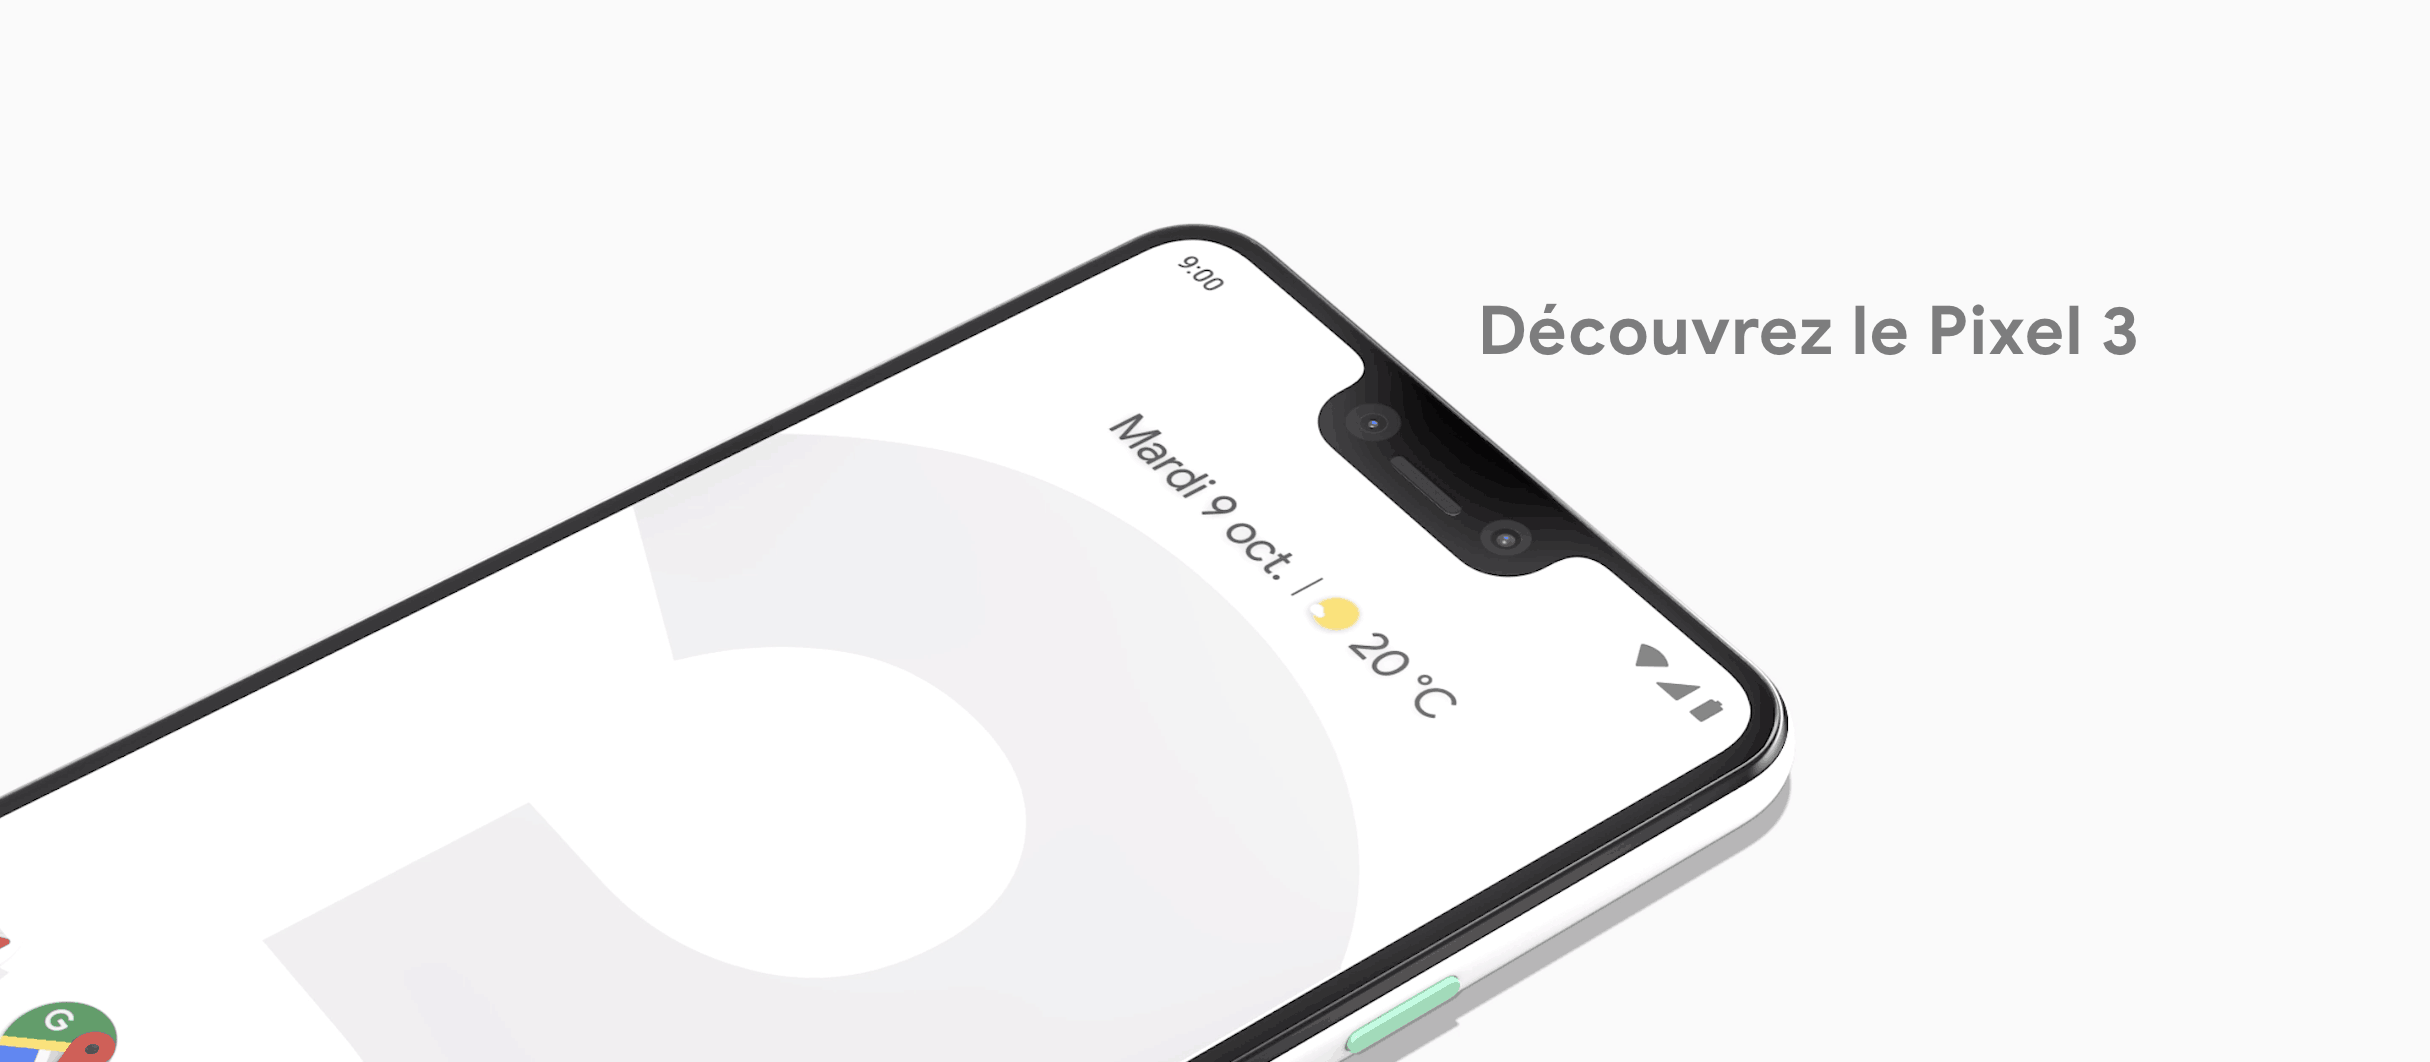 Pixel 3 : l'astrophotographie désormais possible sur le smartphone